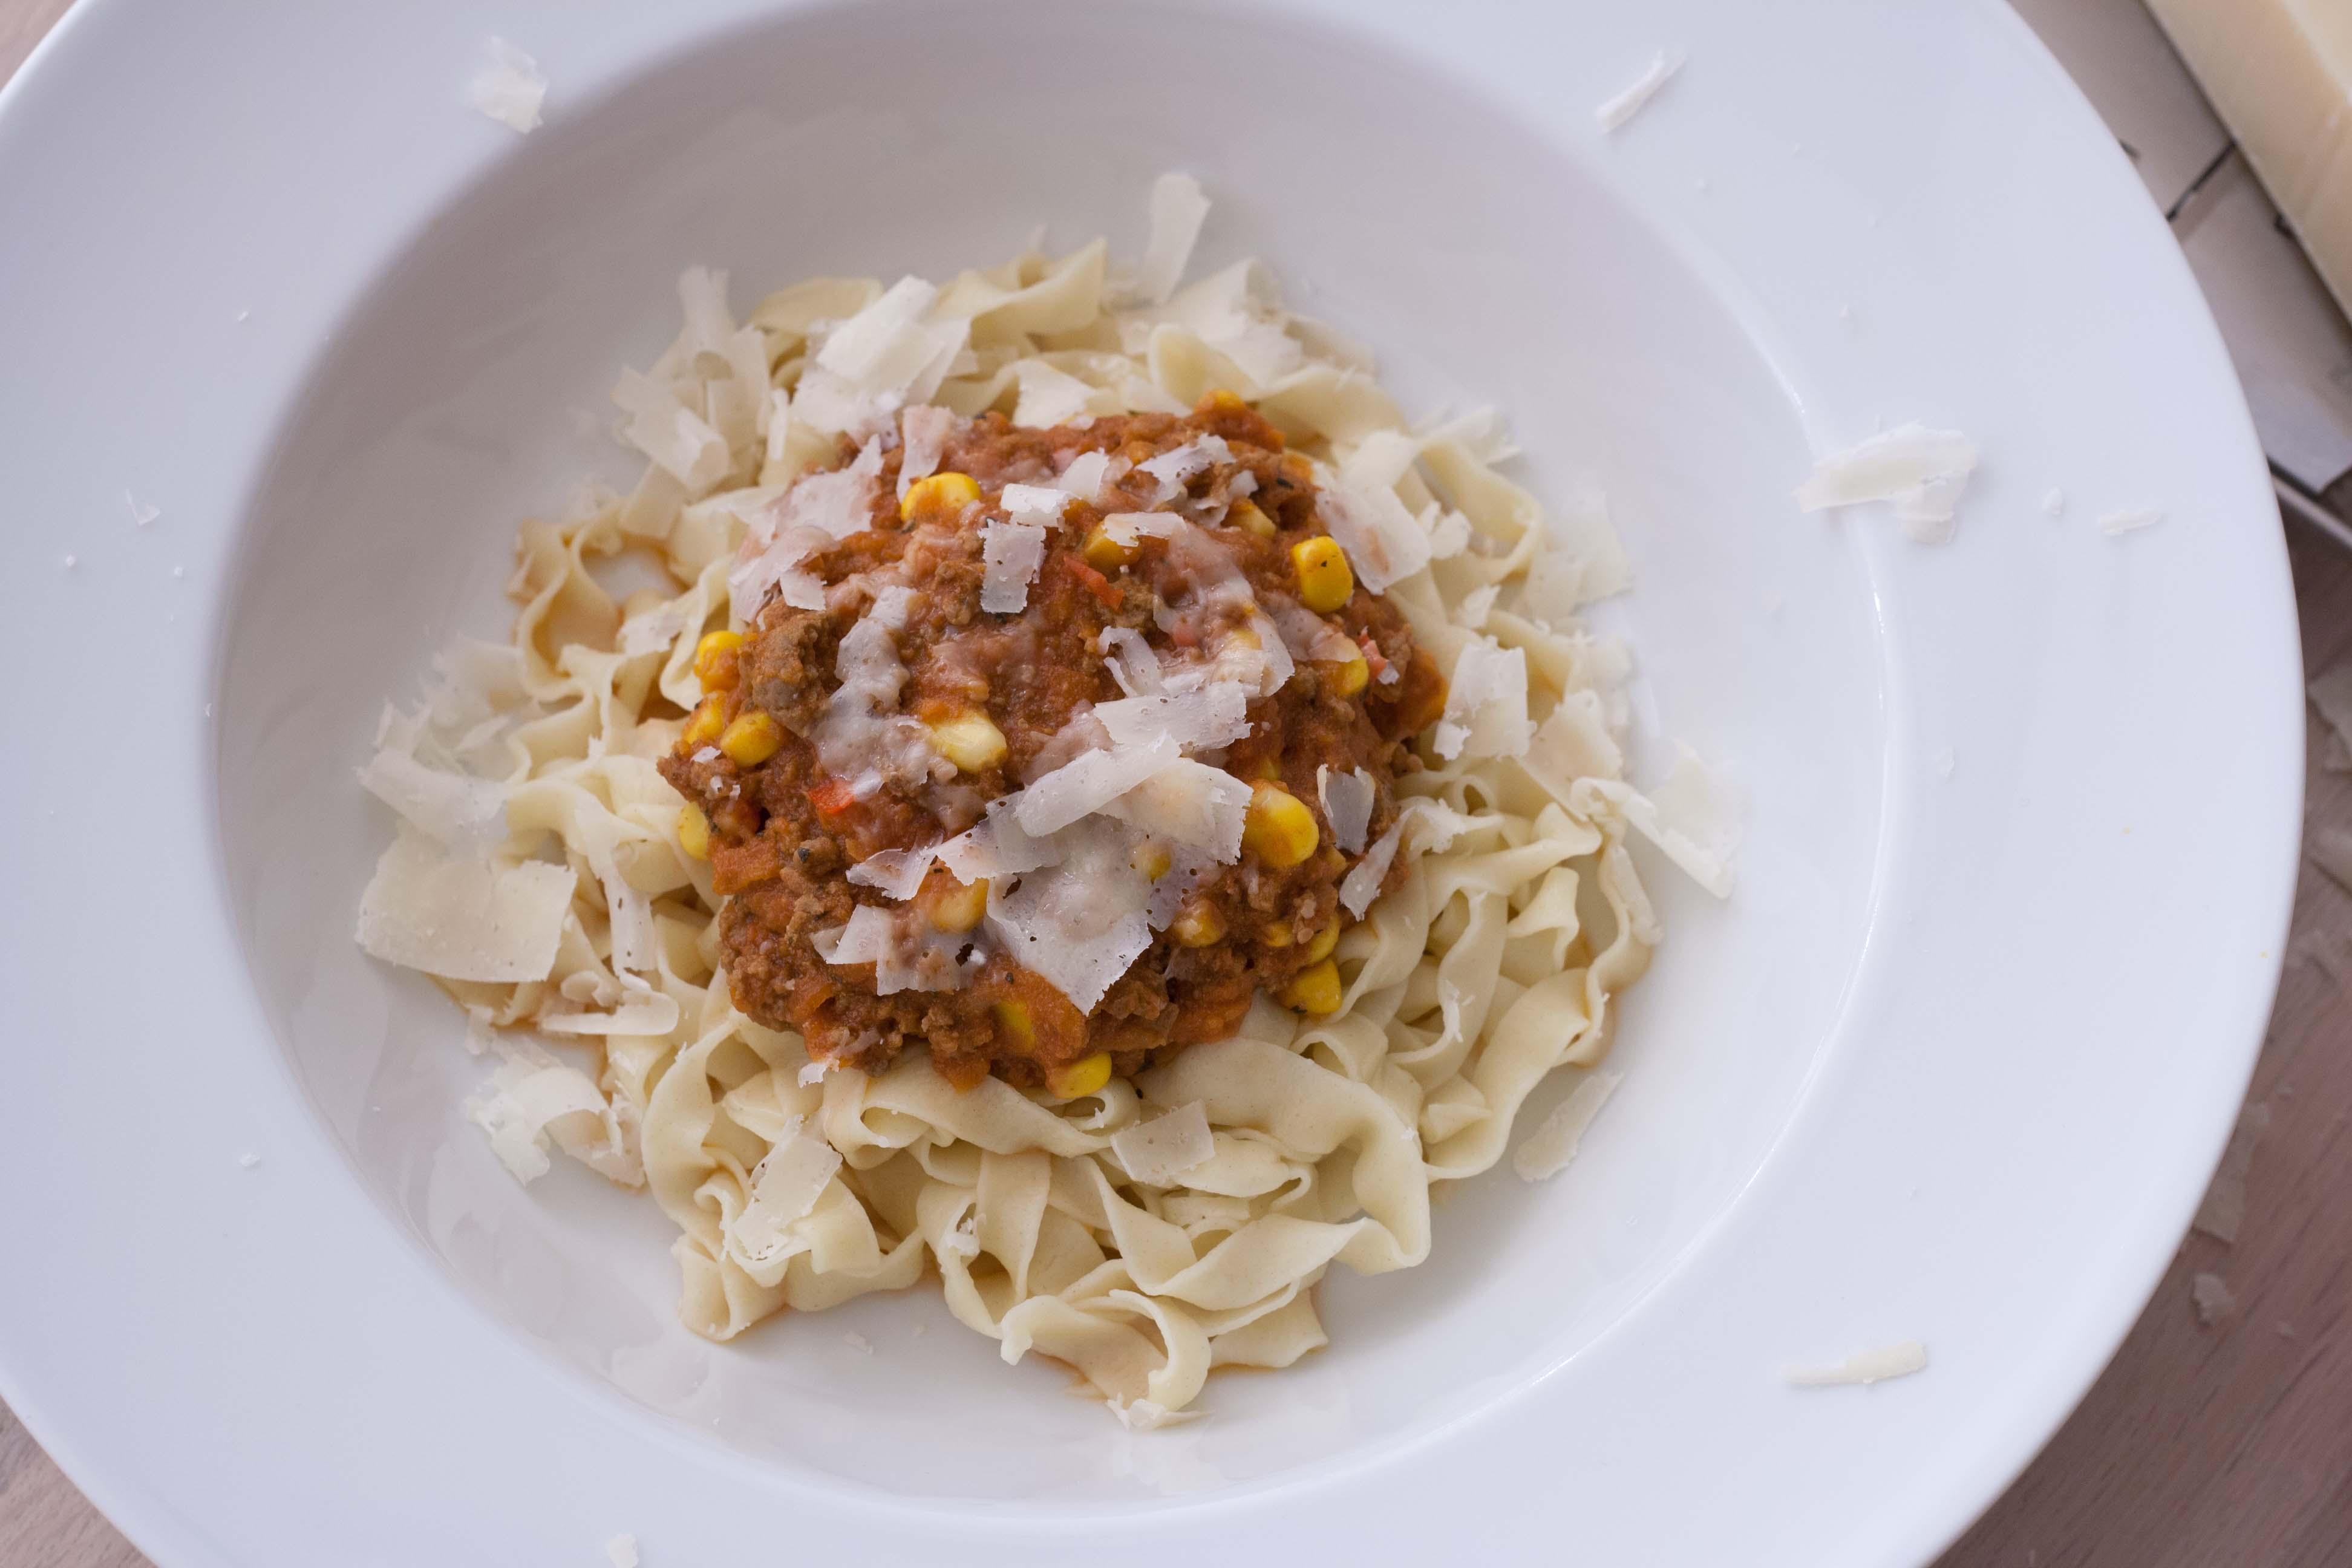 Opskrift på hjemmelavet kødsauce med chili